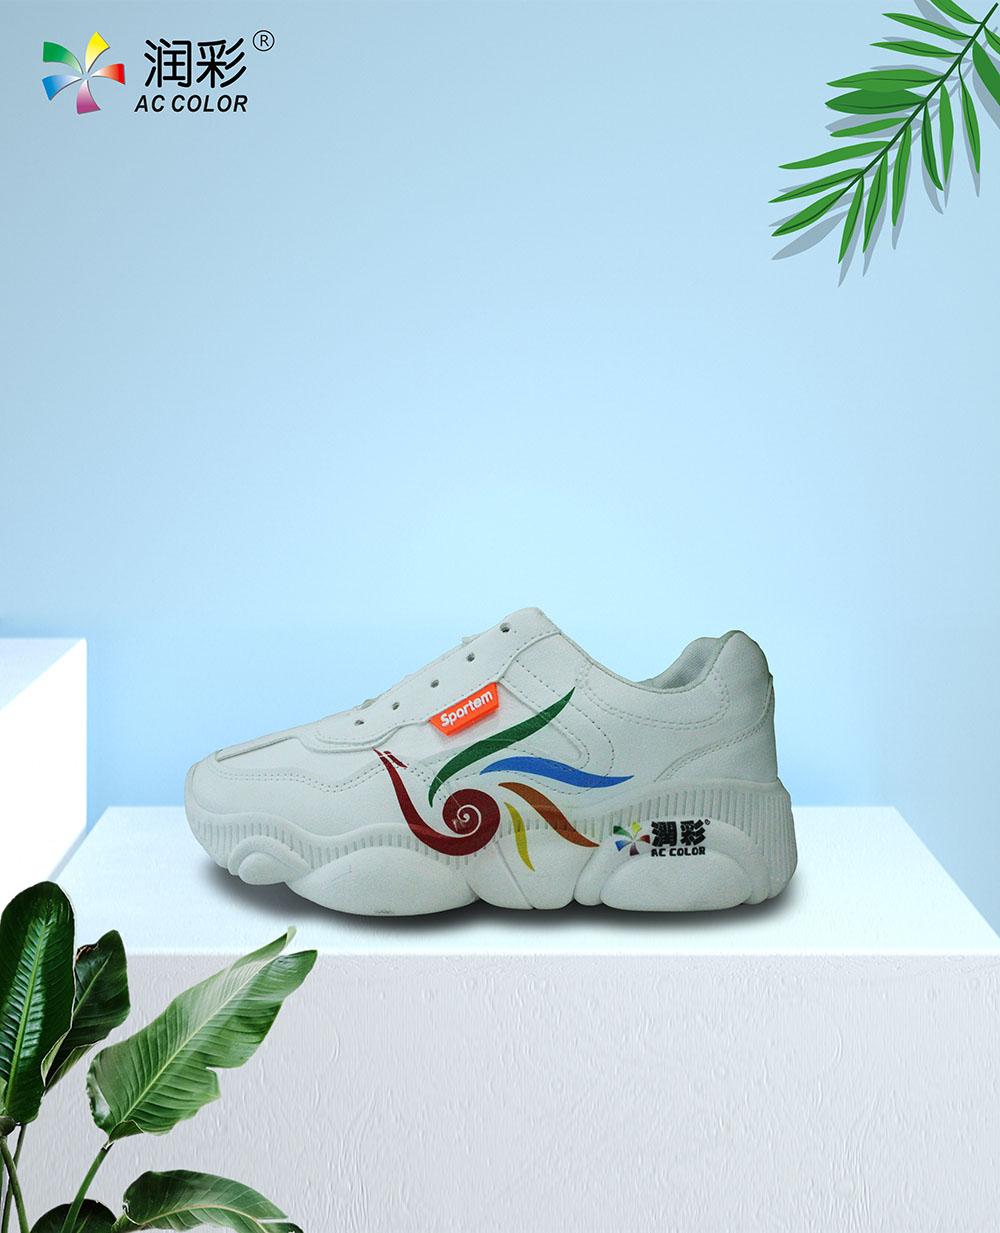 帆布鞋洞洞鞋鞋面uv平板打印效果